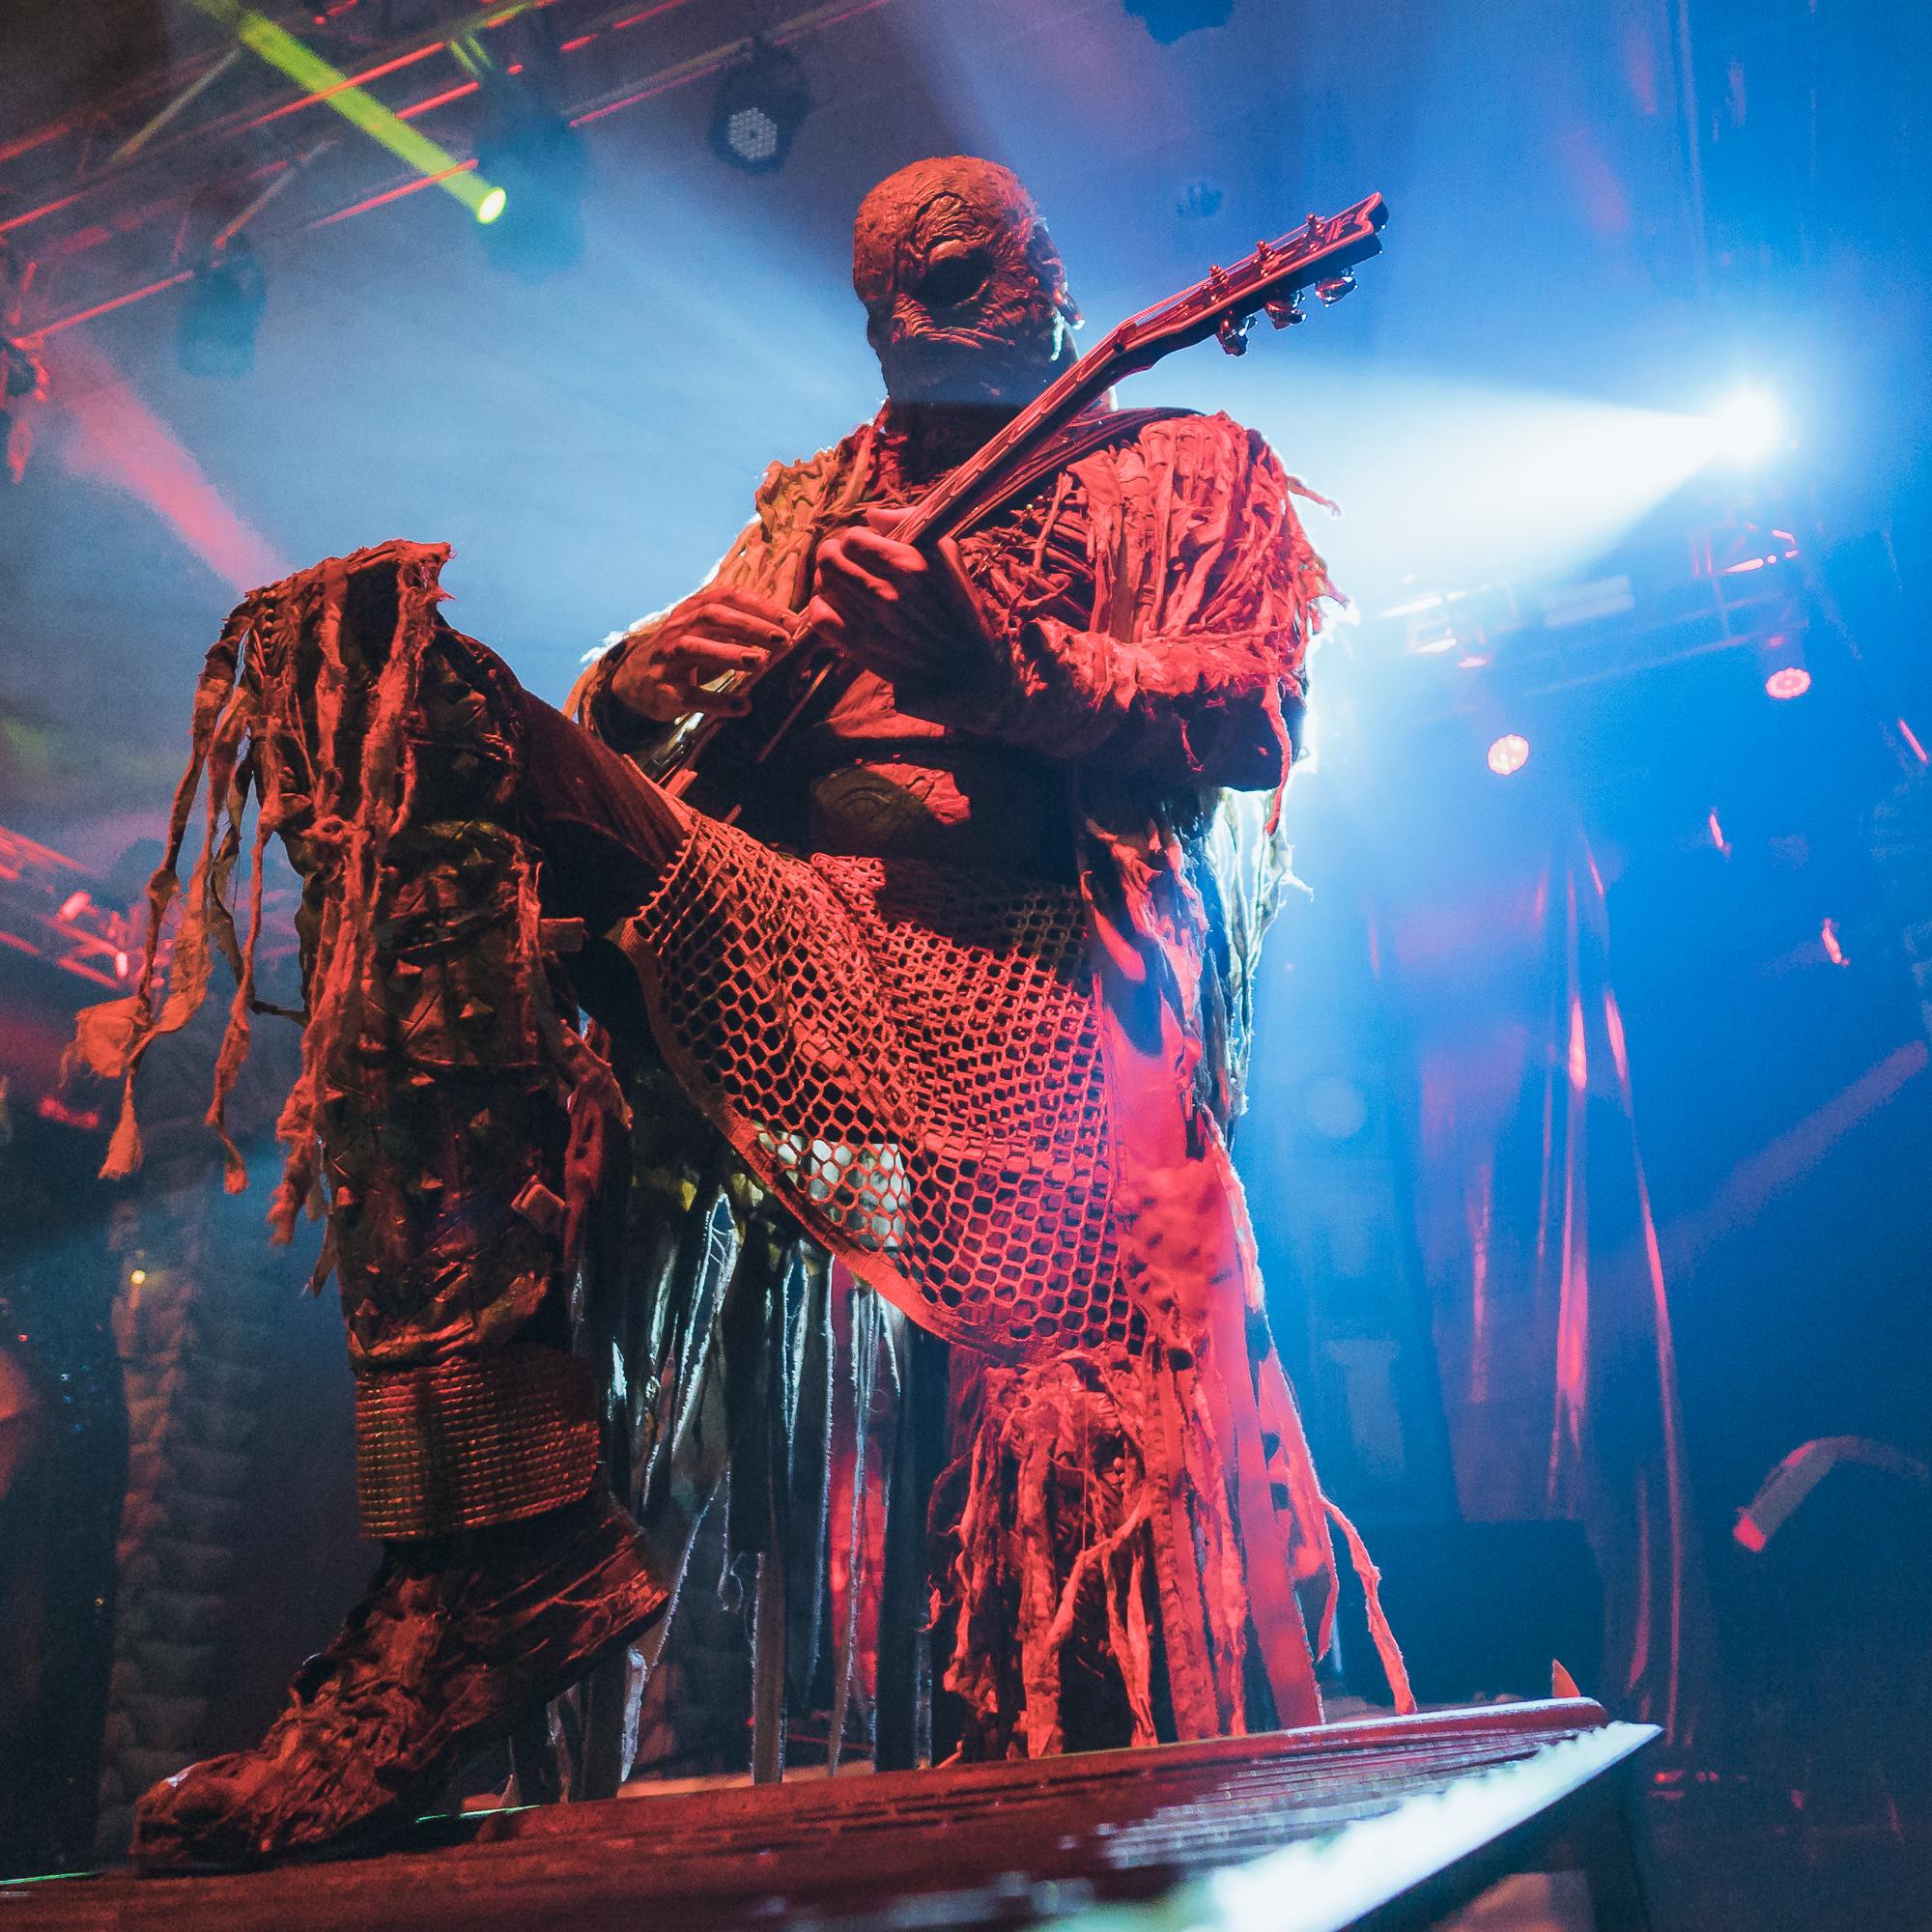 Lordi performing at Sala Santana 27 in Bilbao, Spain.